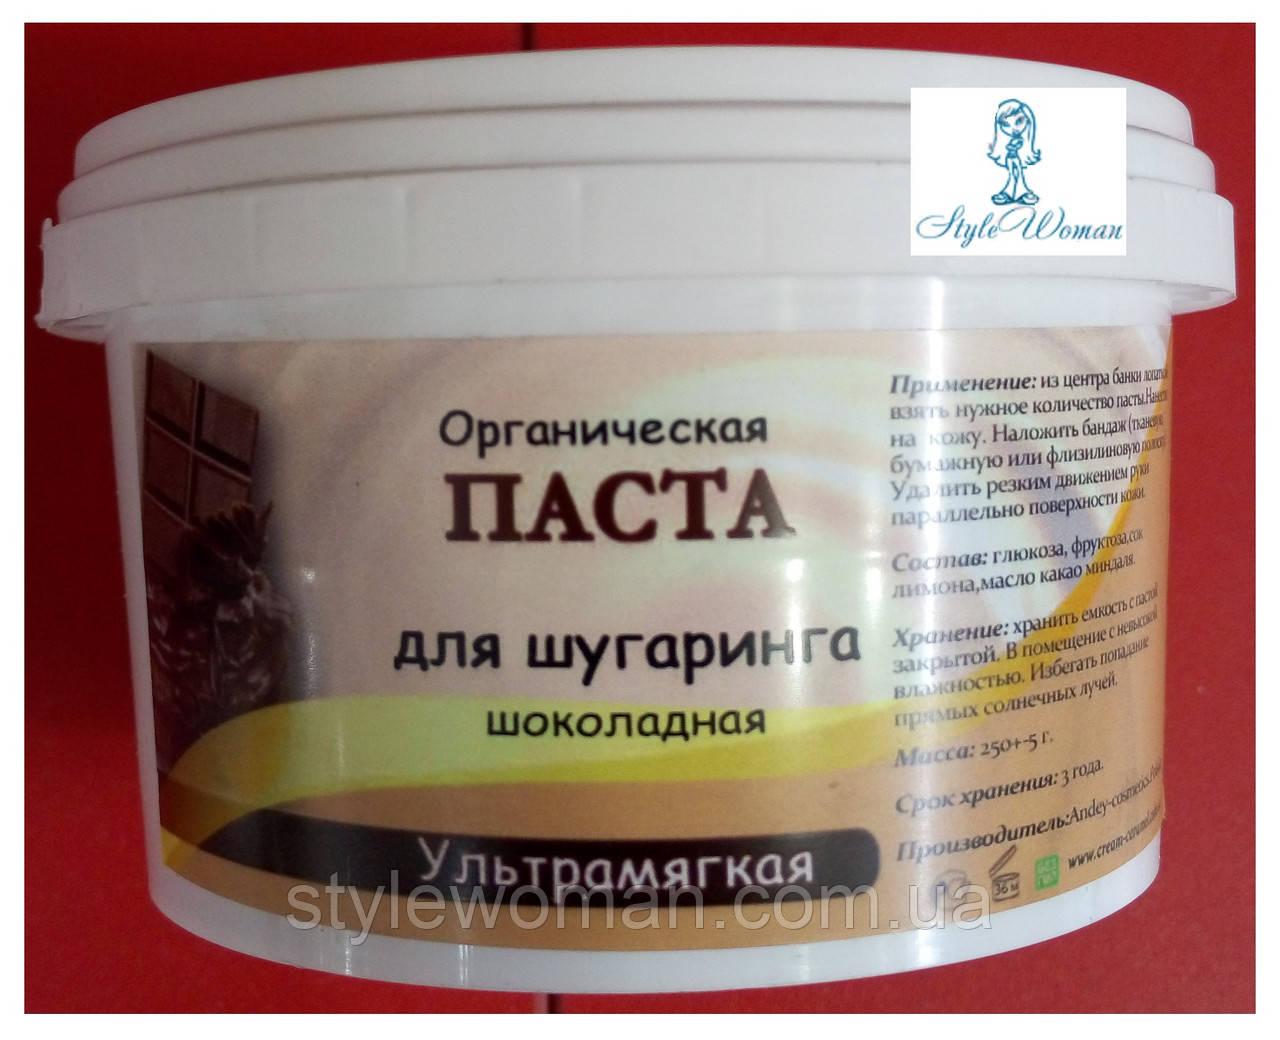 Органическая паста для шугаринга шоколадная ультрамягкая 350гр